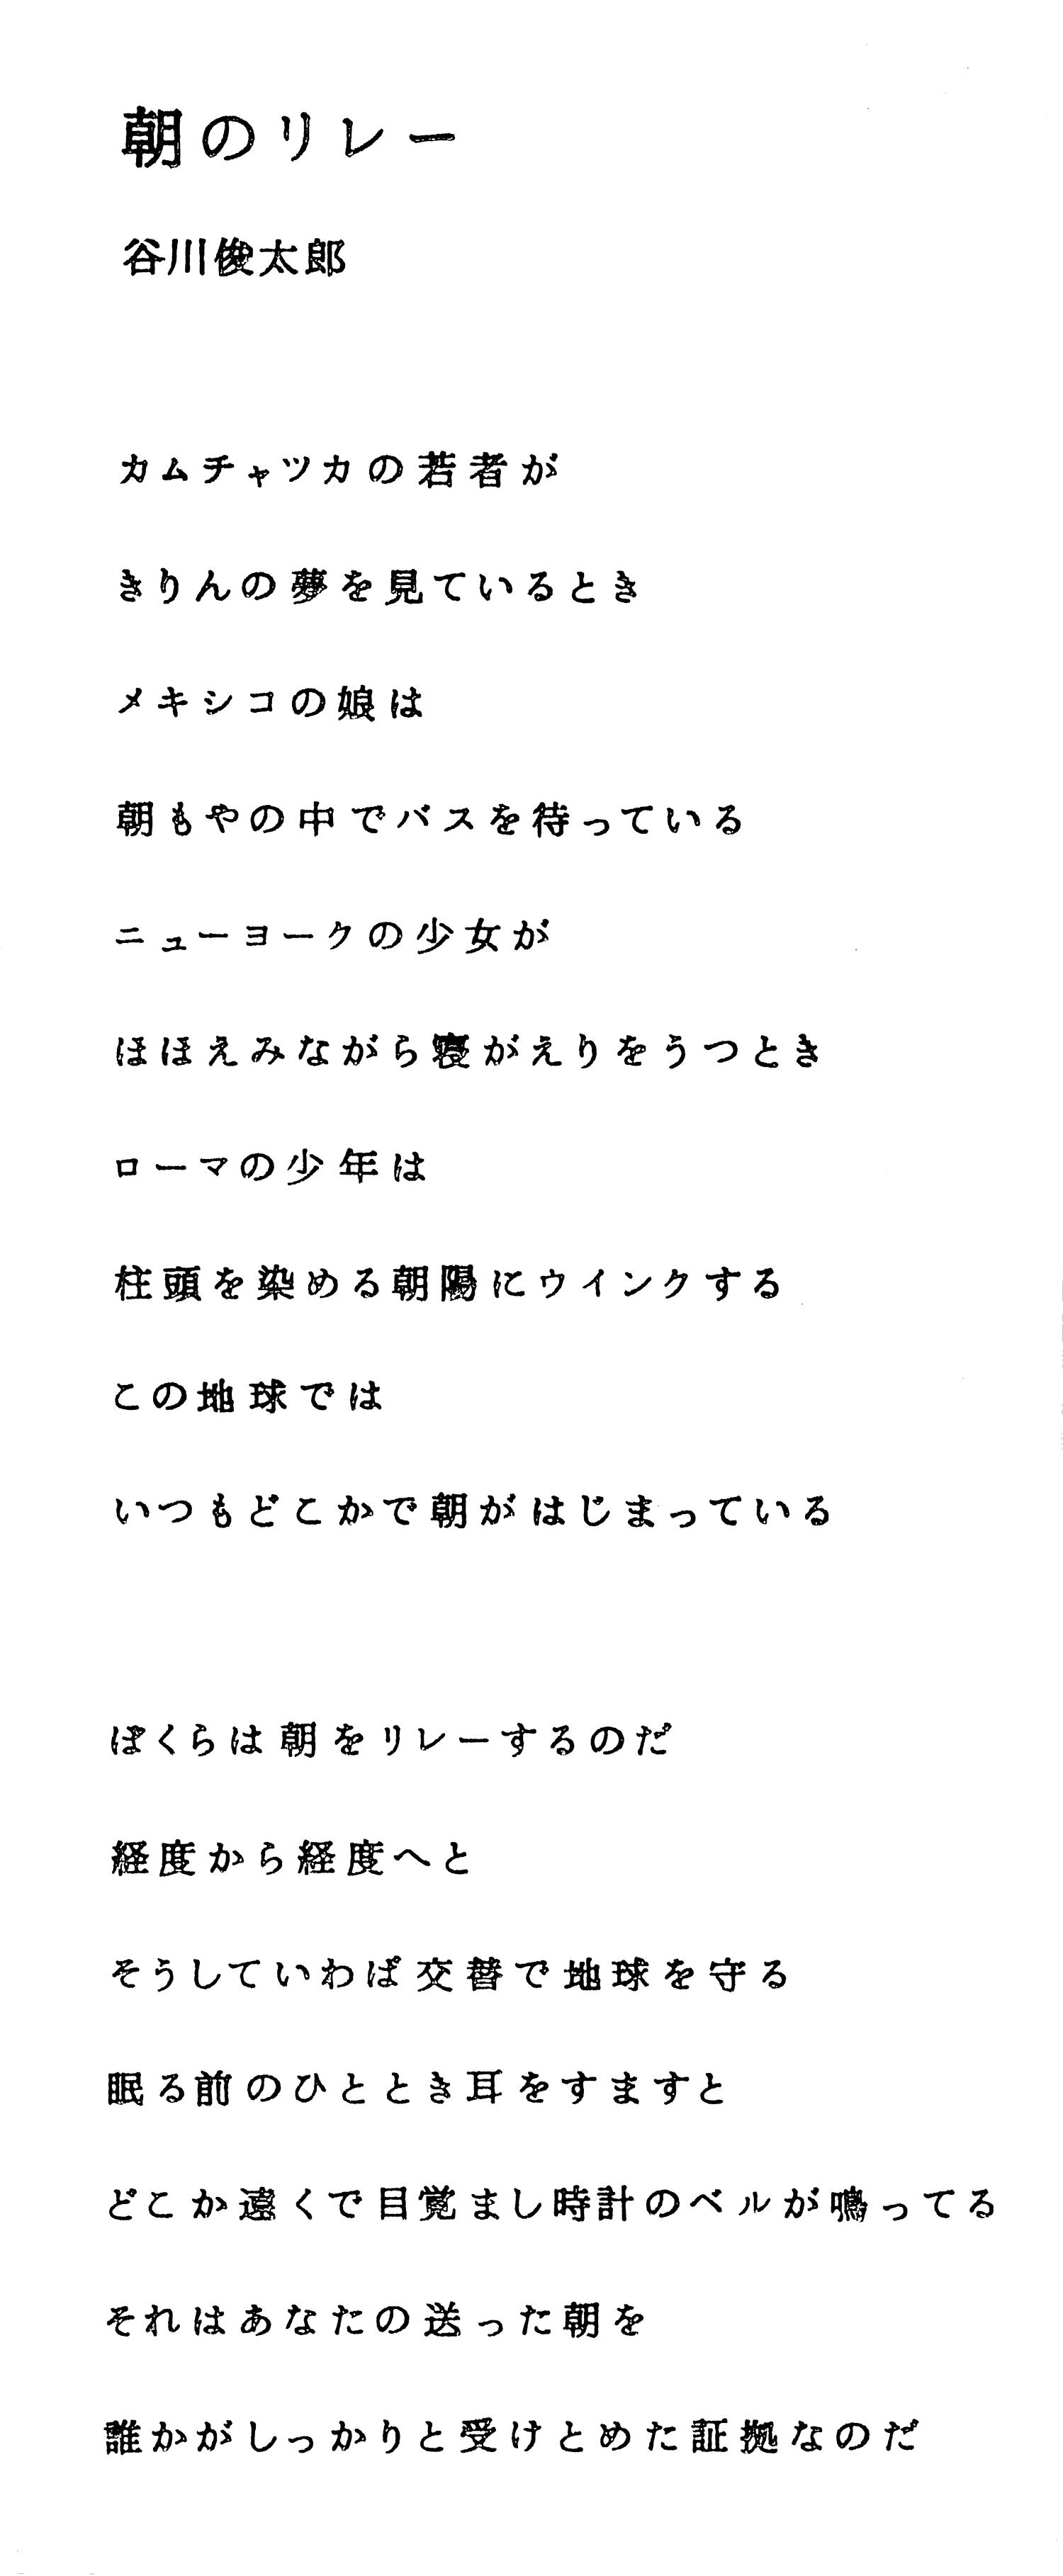 4_ネスカフェ_2003年.jpg